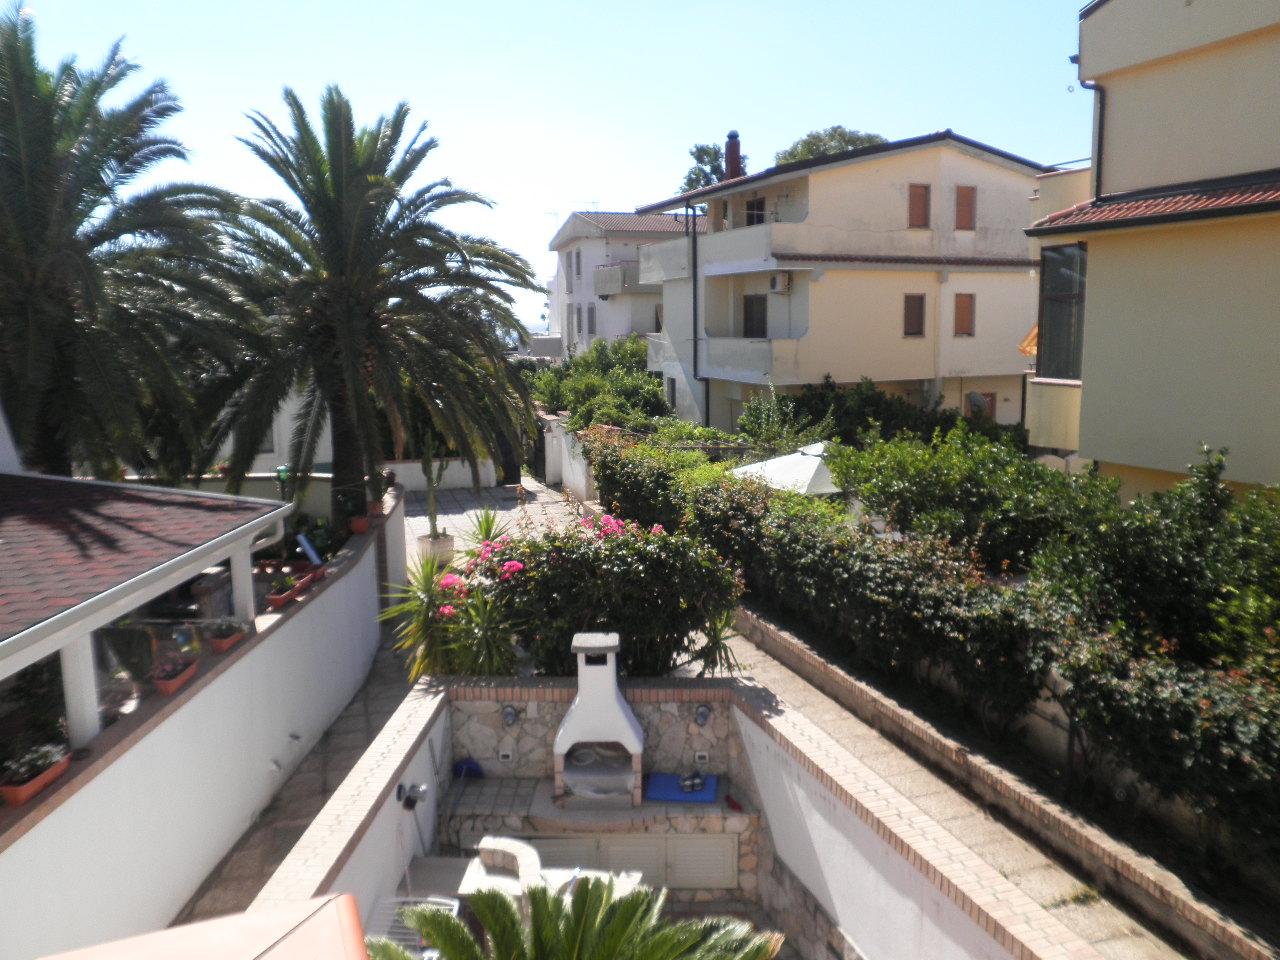 Appartamento in vendita a Montepaone, 3 locali, zona Località: MontepaoneLido, prezzo € 115.000 | CambioCasa.it